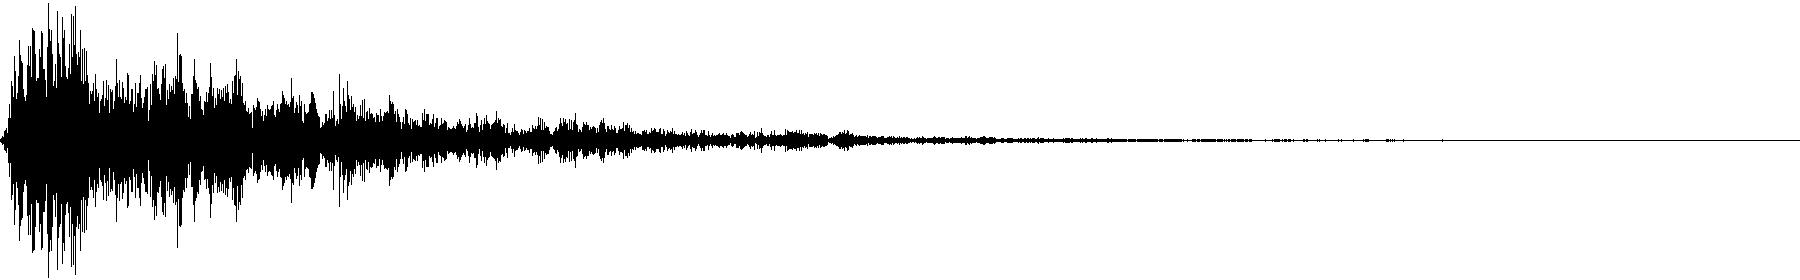 bluezone bc0210 tambourine 001